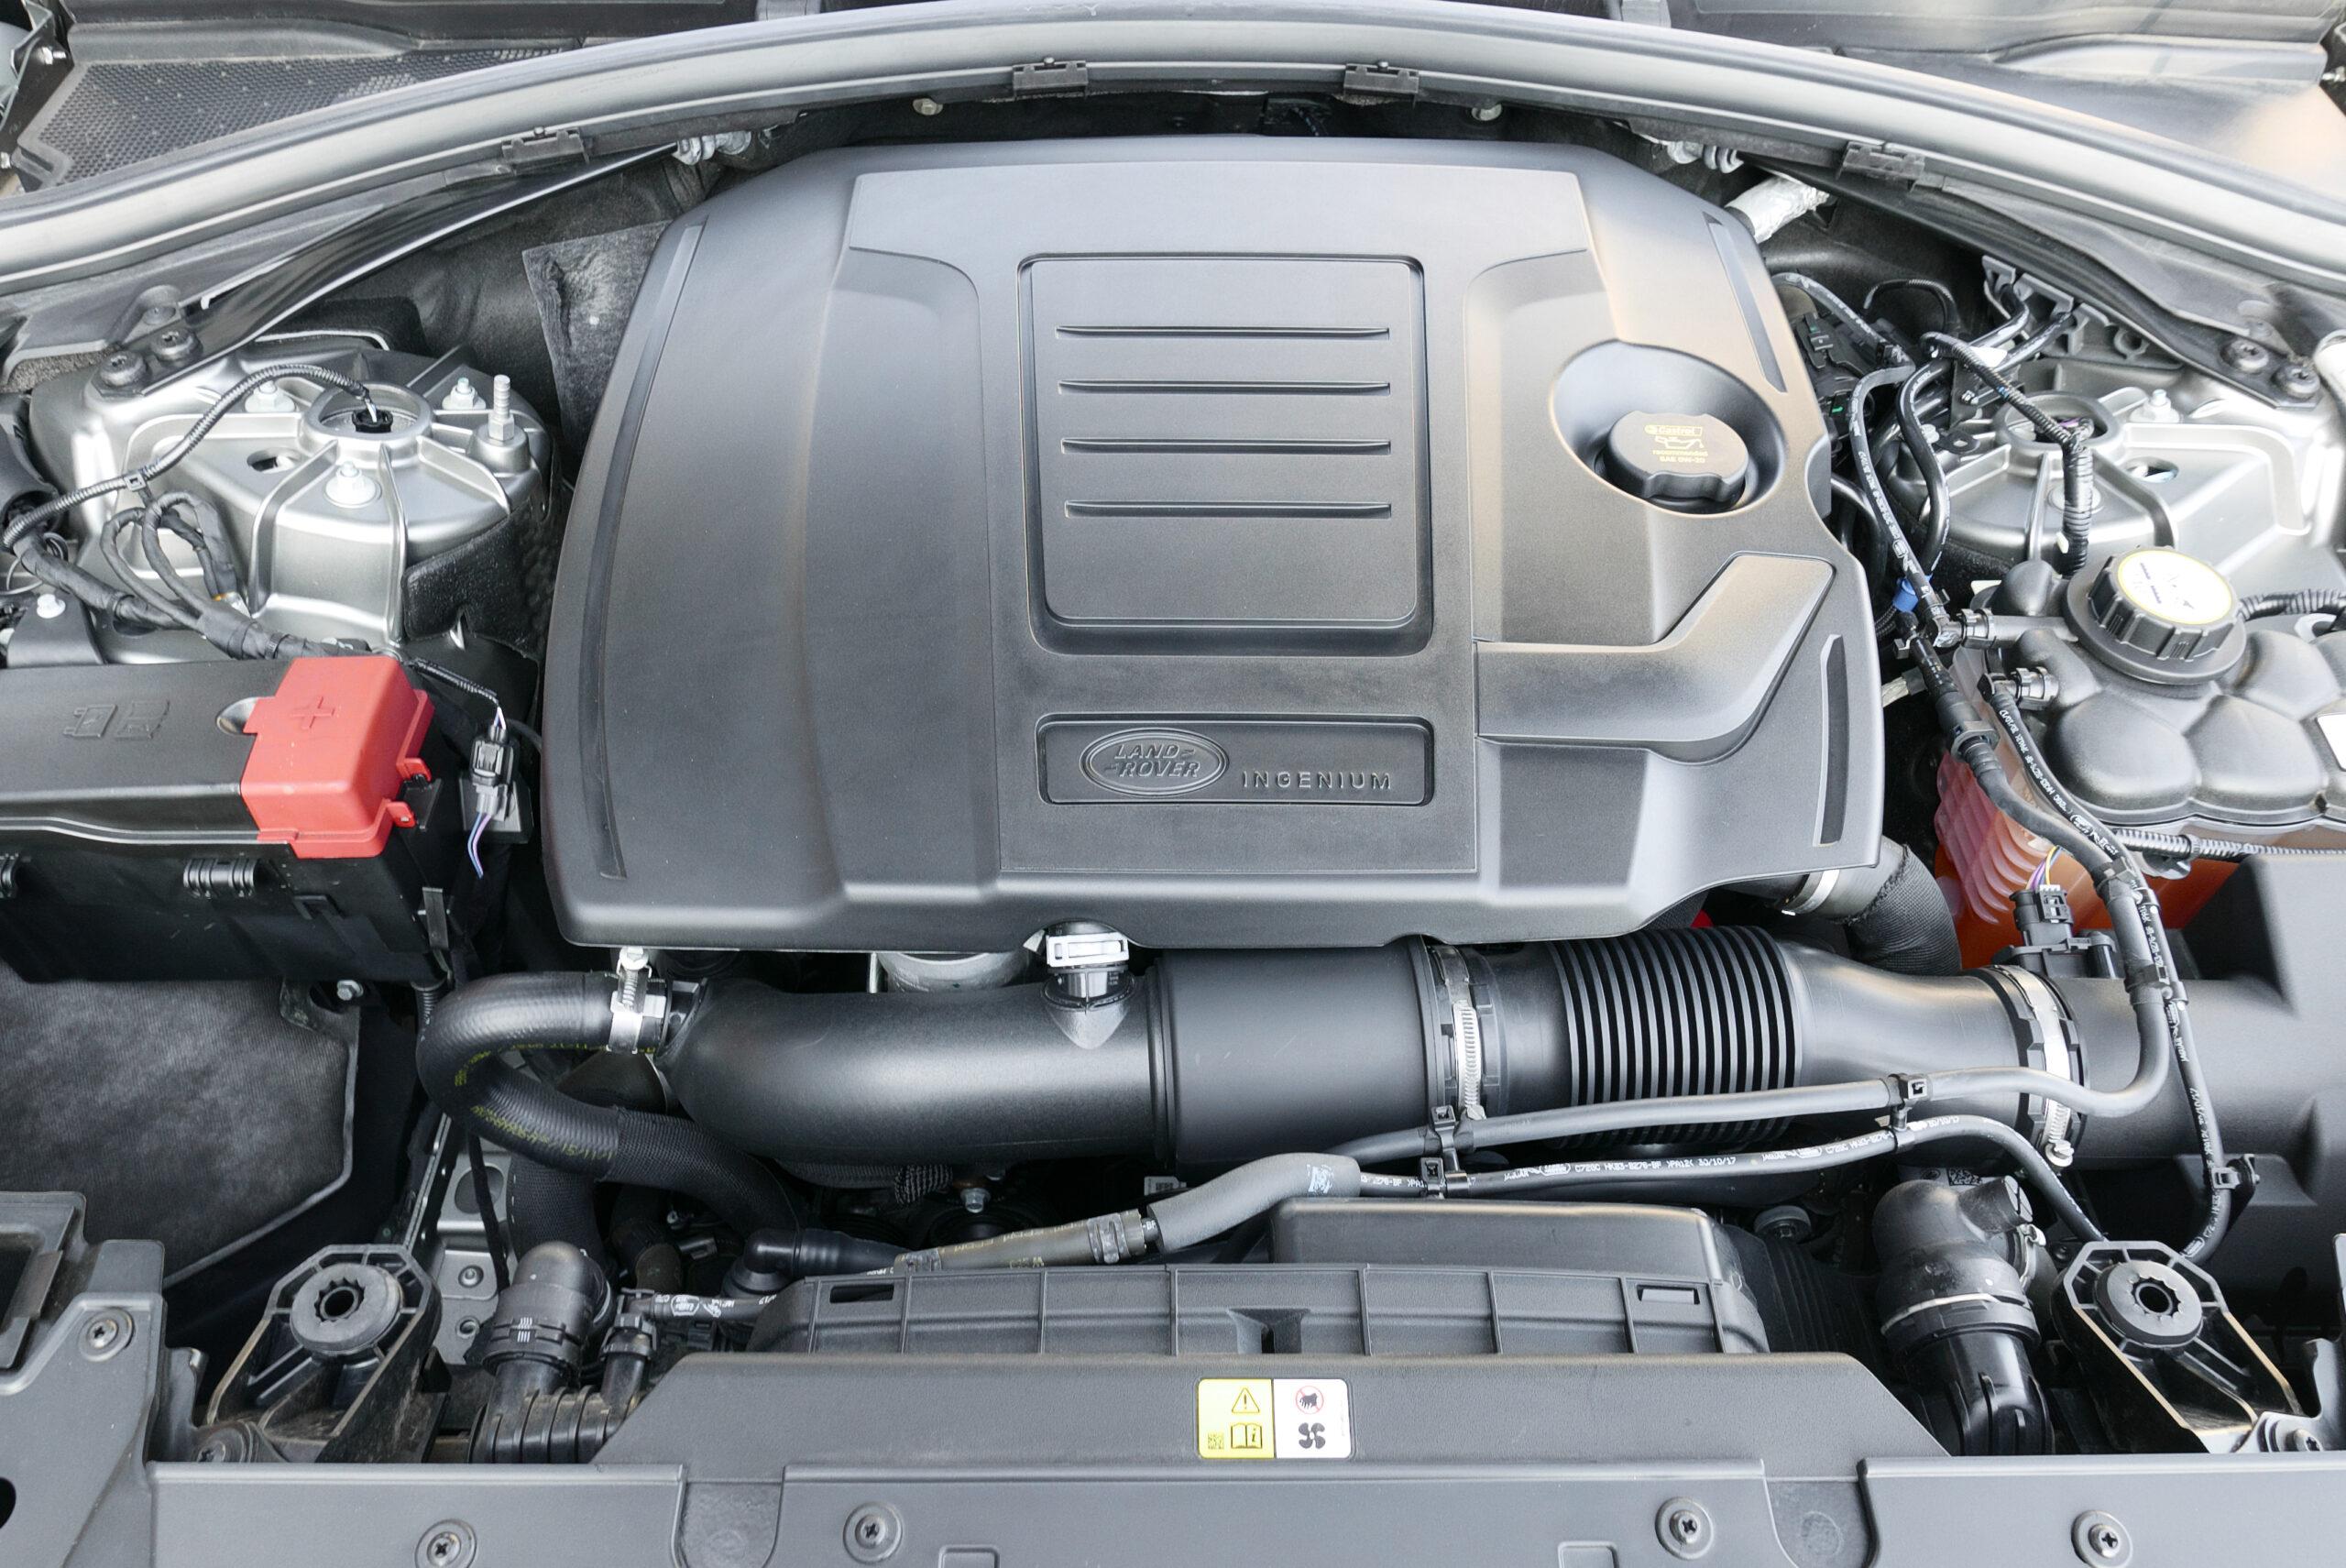 ヴェラール Rダイナミック S P300 シリコンシルバー エンジン